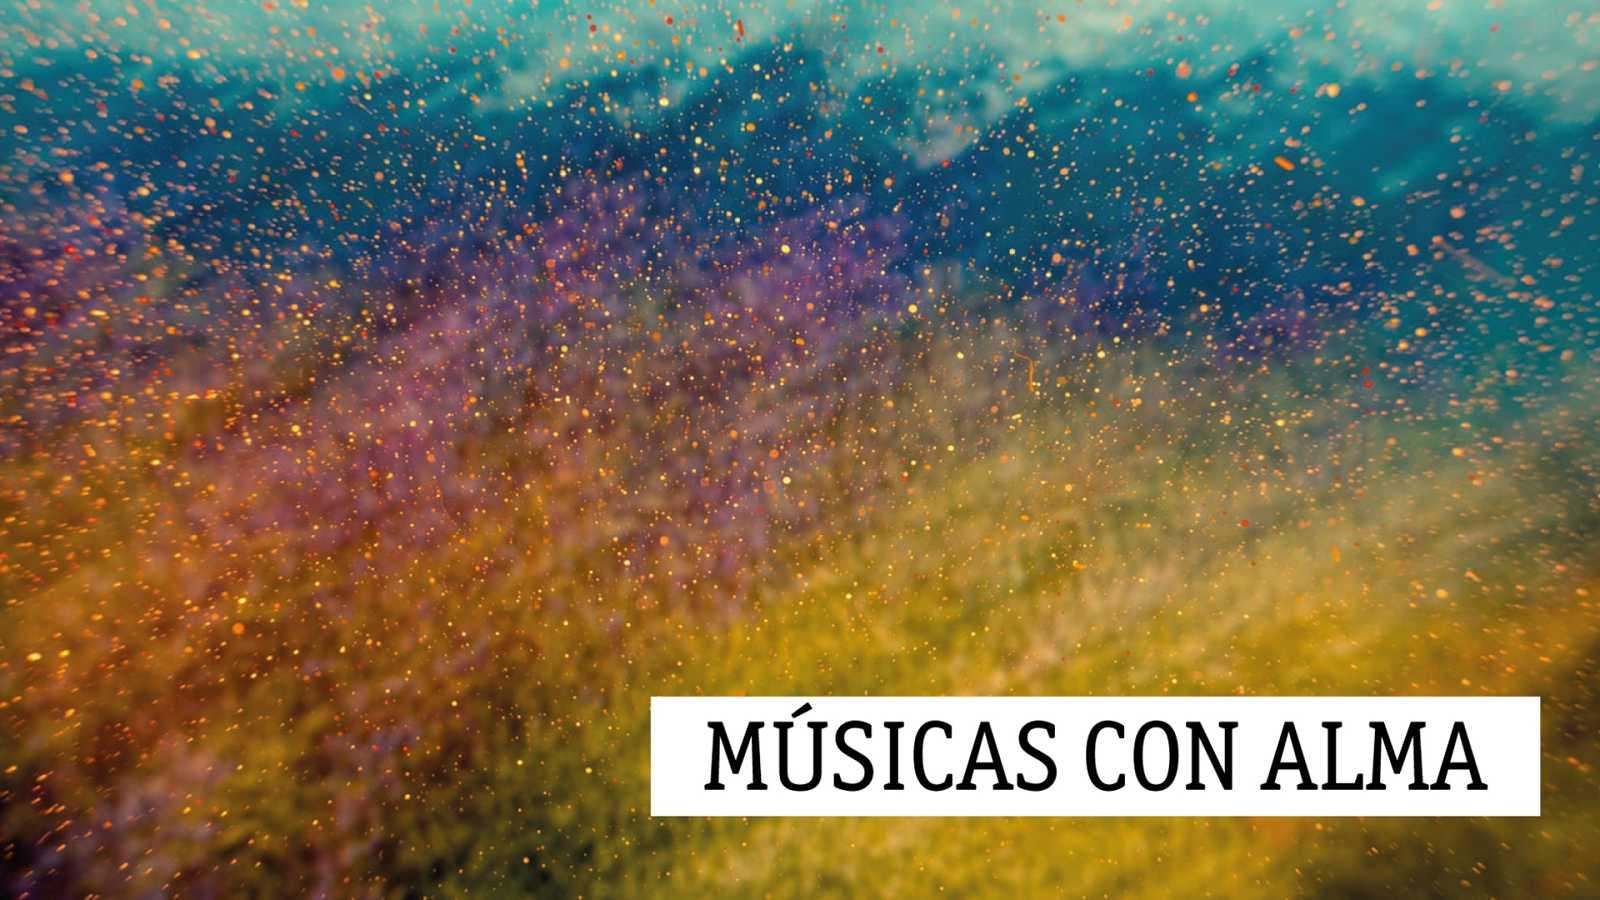 Músicas con alma - Crisis: peligro y oportunidad - 29/01/21 - escuchar ahora